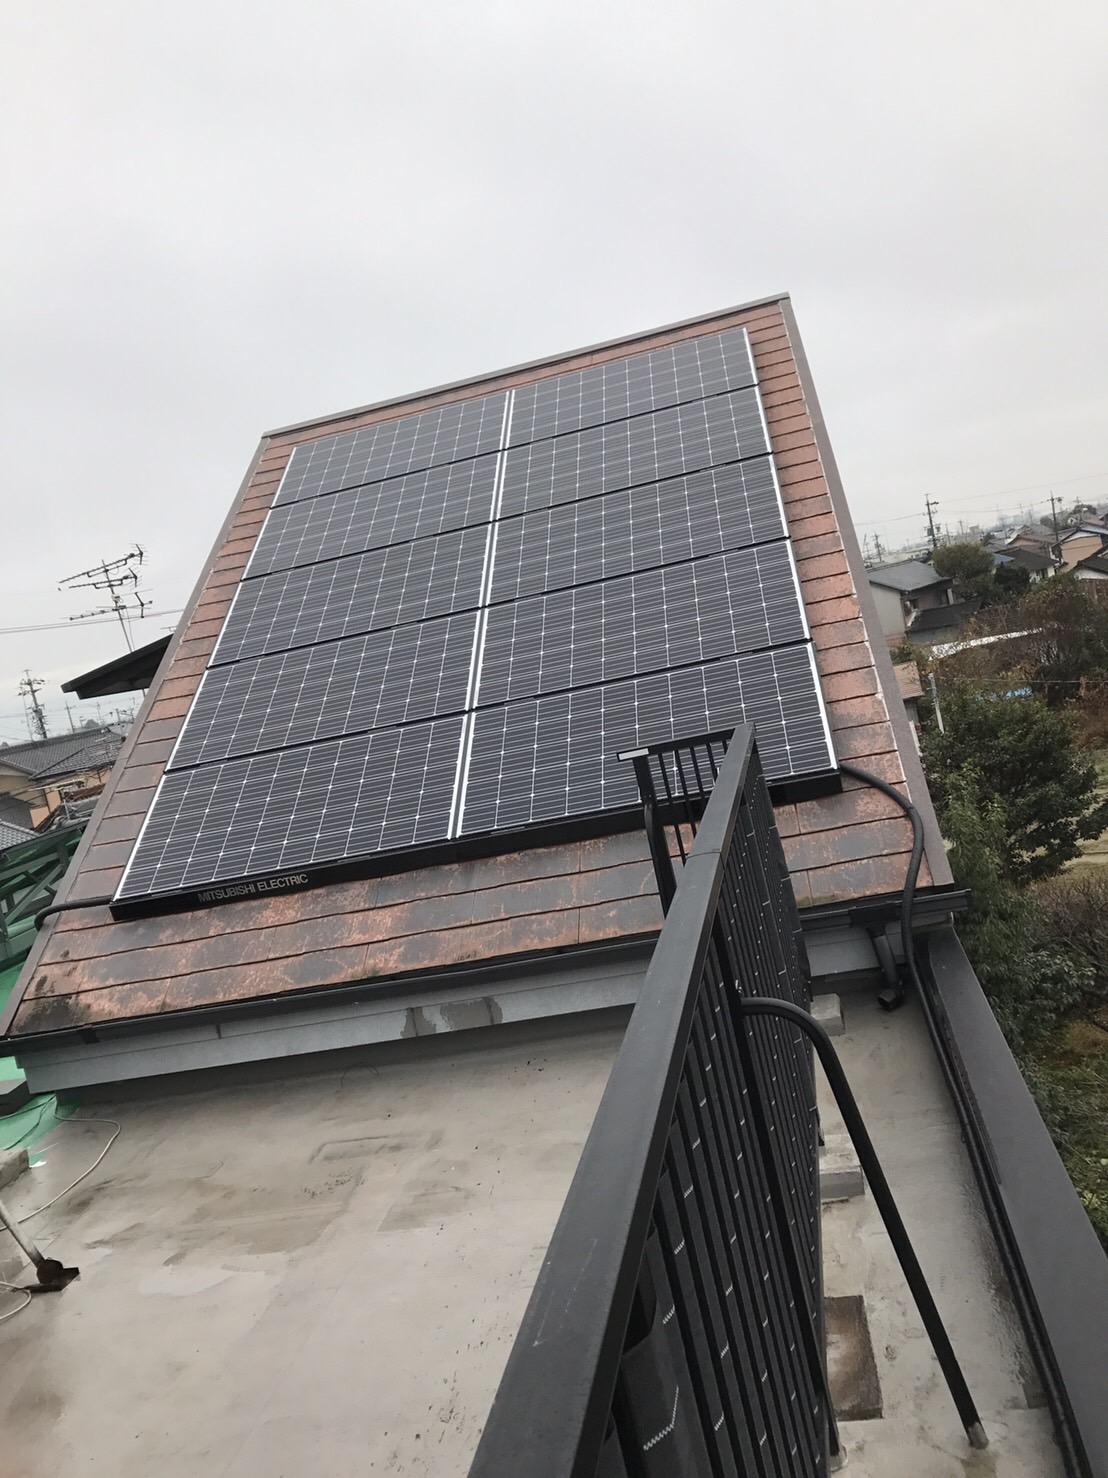 滋賀県三菱太陽光パネル 10PV-MA2250M施工後の写真